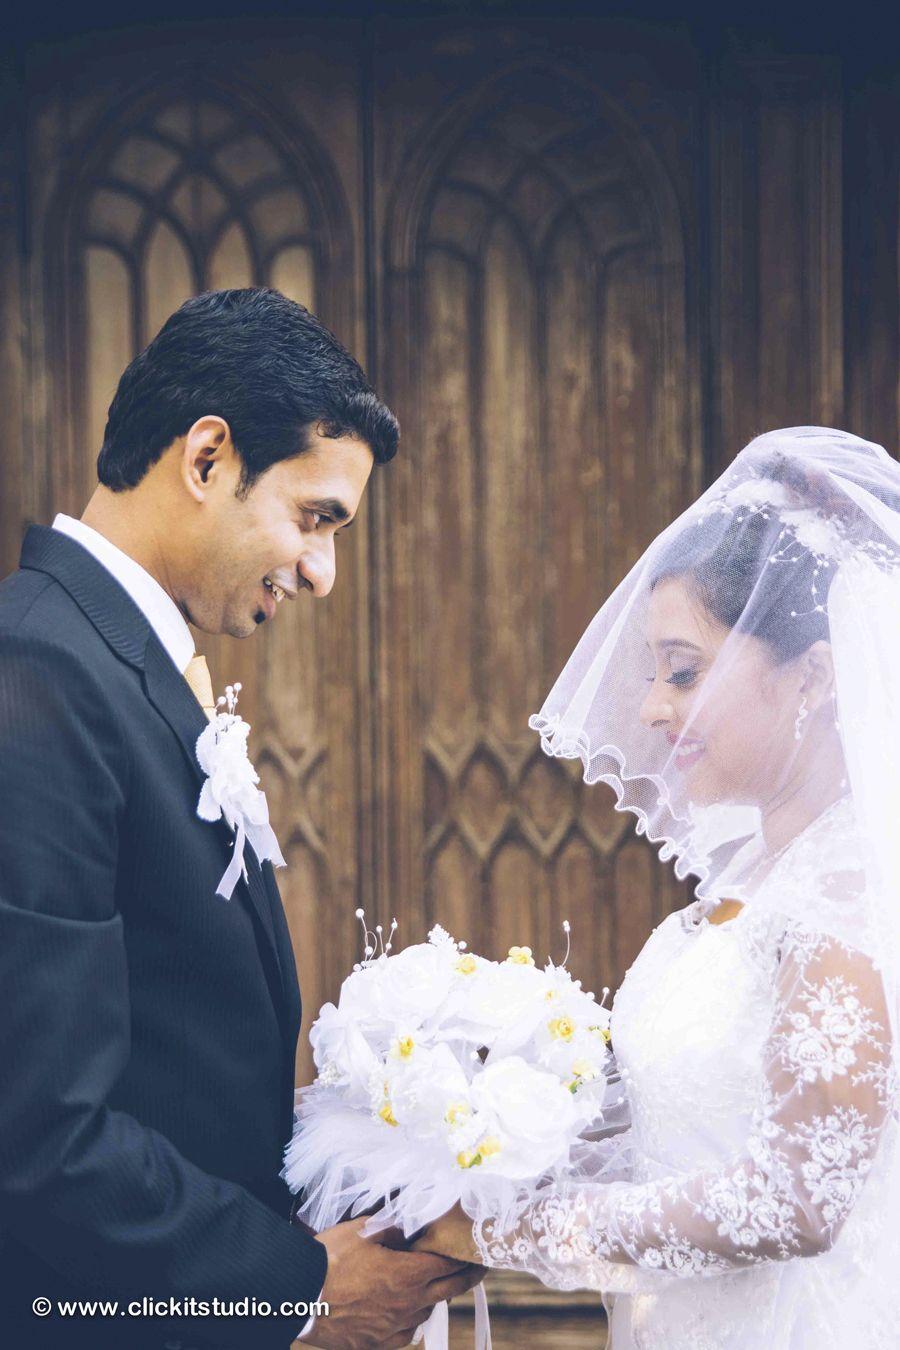 Pin by Clickit Studio on Catholic Weddings Mumbai